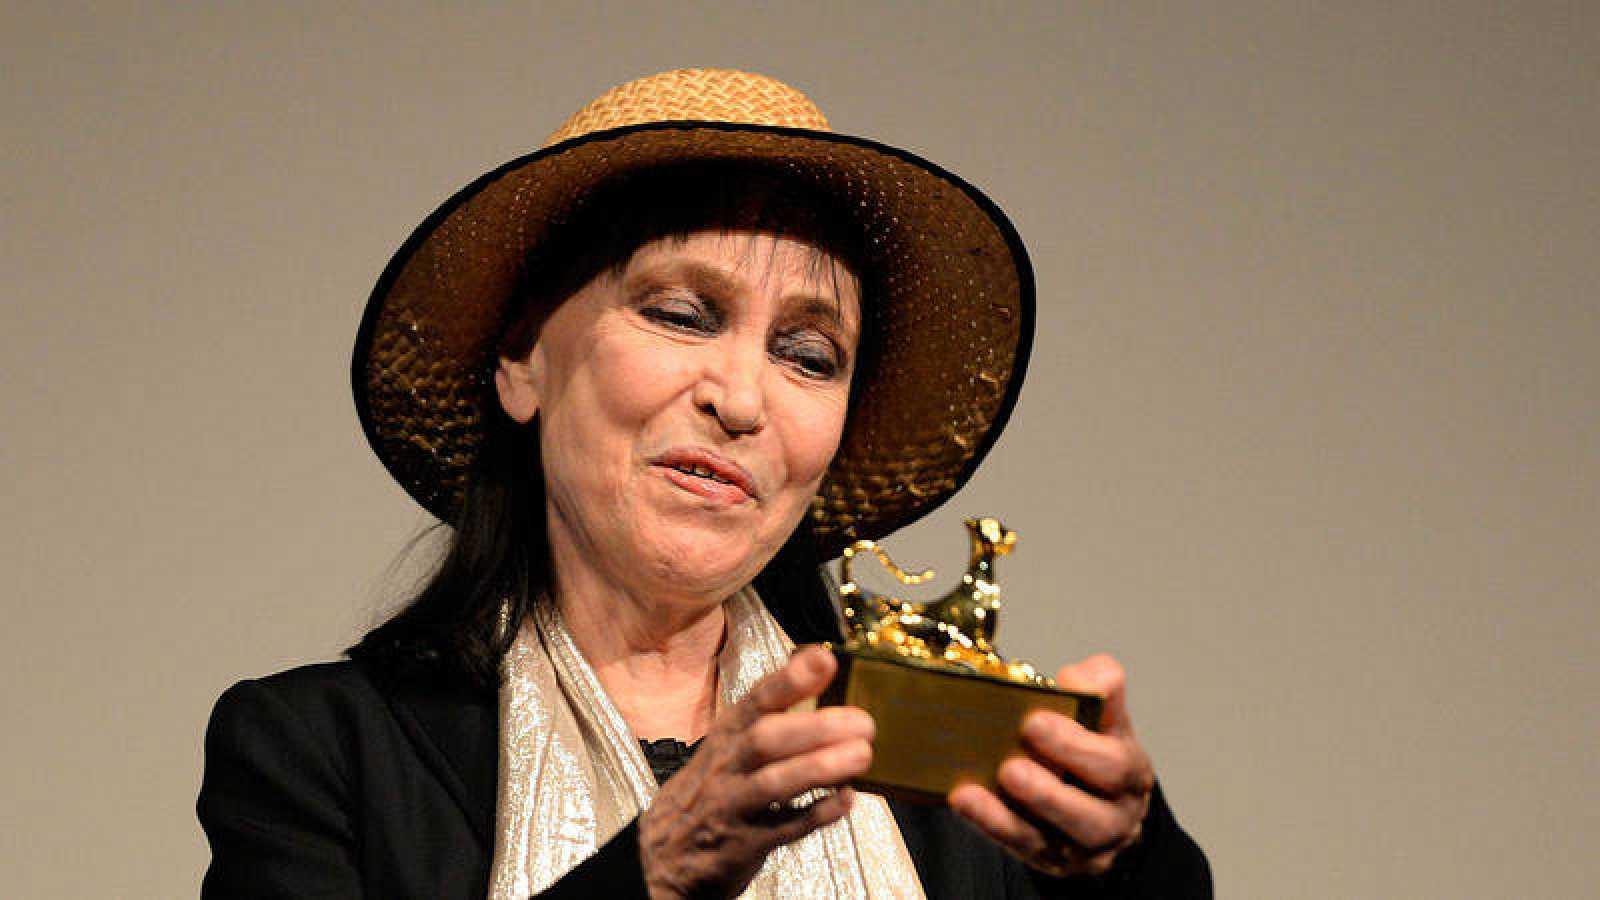 La actriz francesa Anna Karina recibe un premio en el Festival de Cine de Locarno (Suiza) en una imagen de 2013.